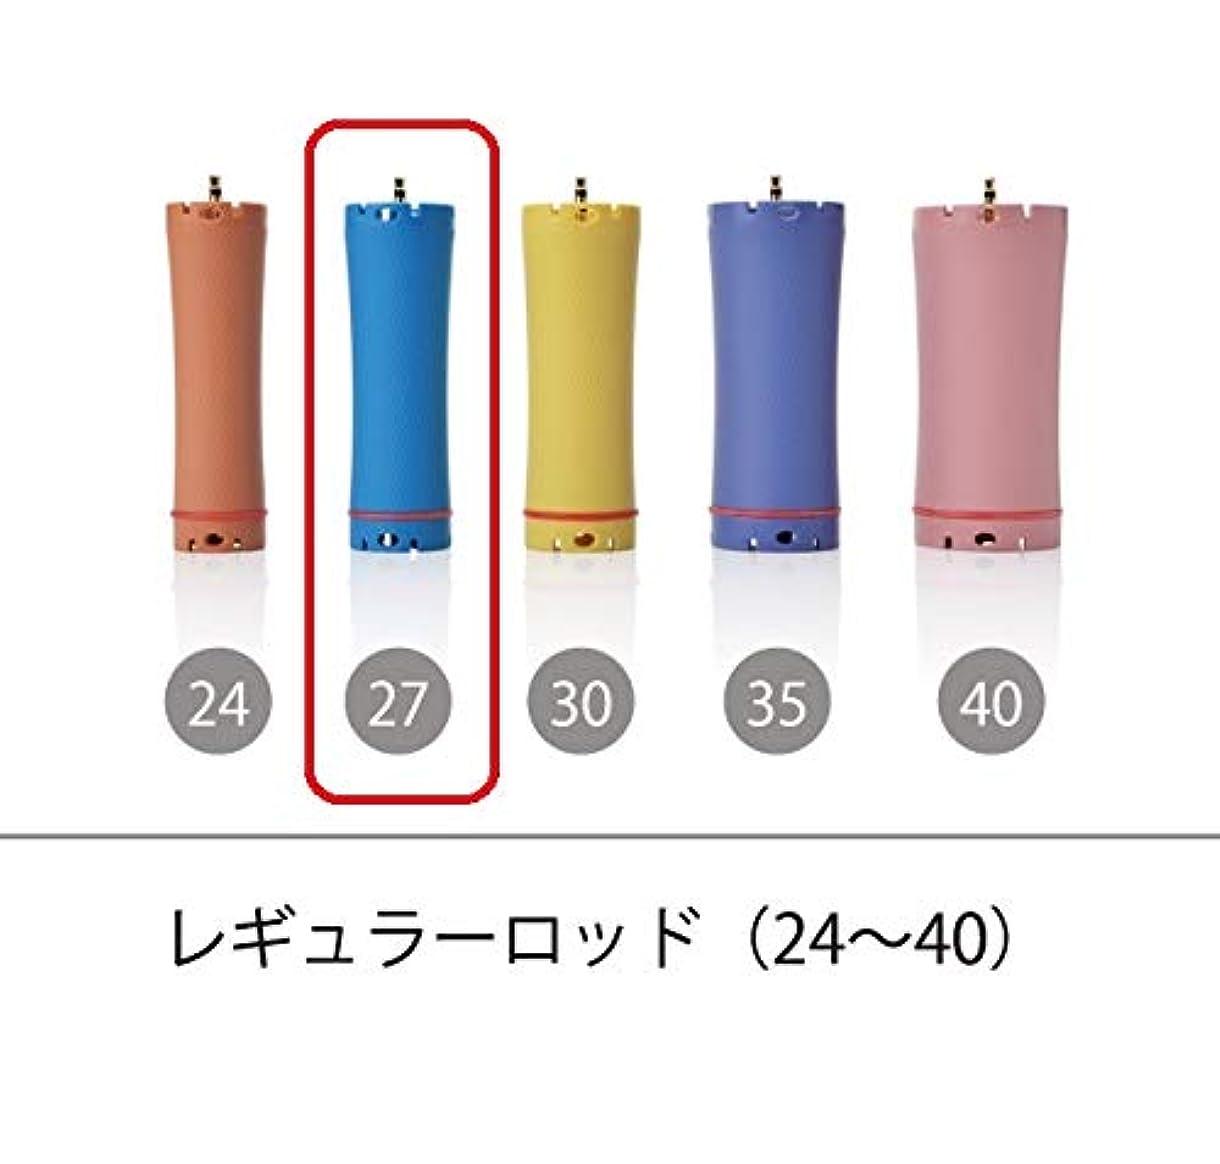 失効聖書補体ソキウス 専用ロッド レギュラーロッド 27mm